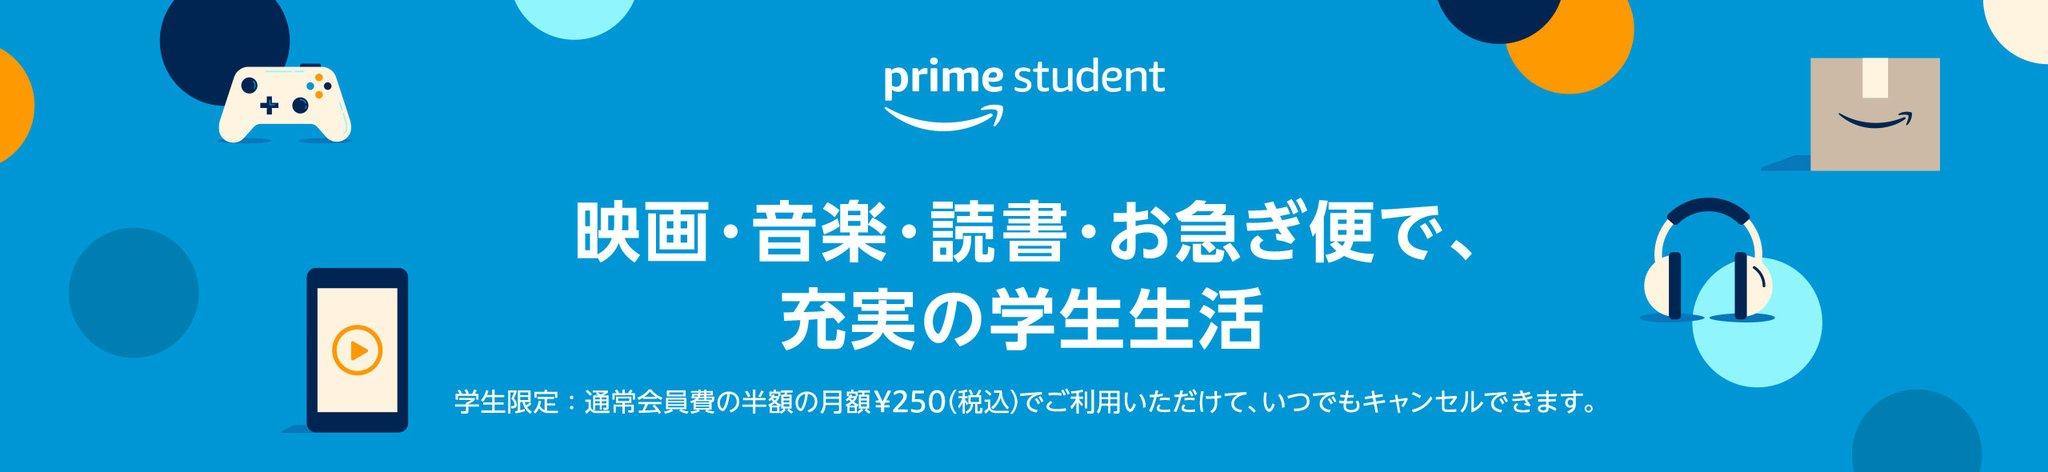 Amazon Prime Twitter